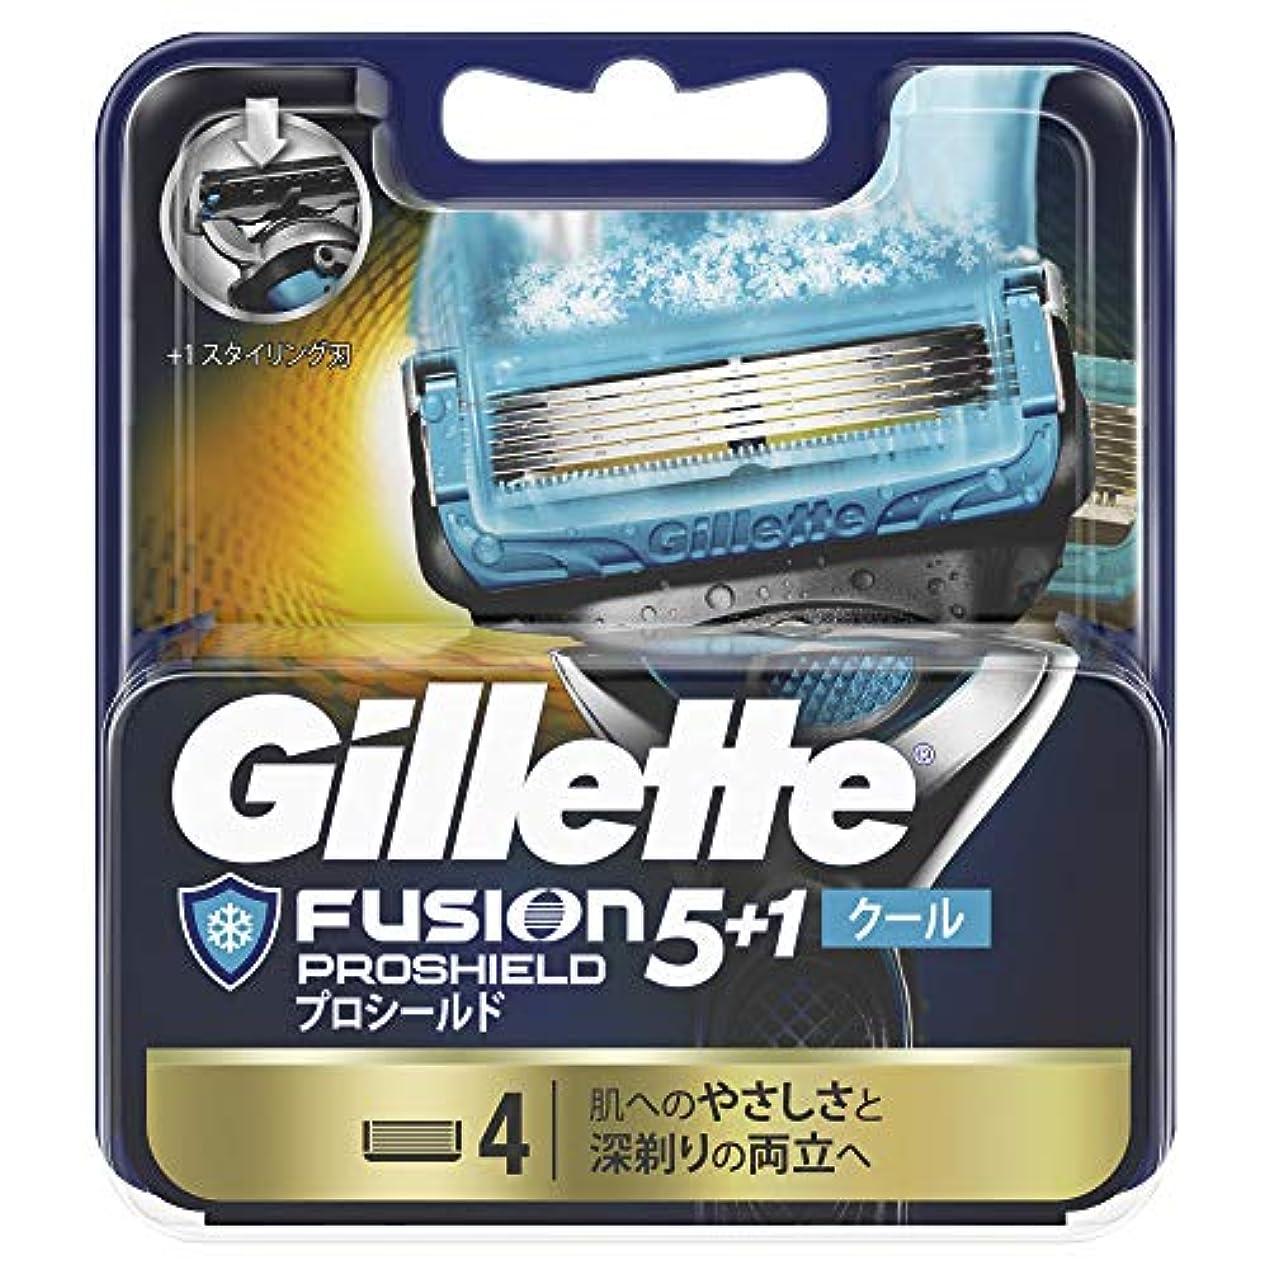 汚れた透ける独創的ジレット フュージョン5+1 プロシールド クール 替刃 4個入